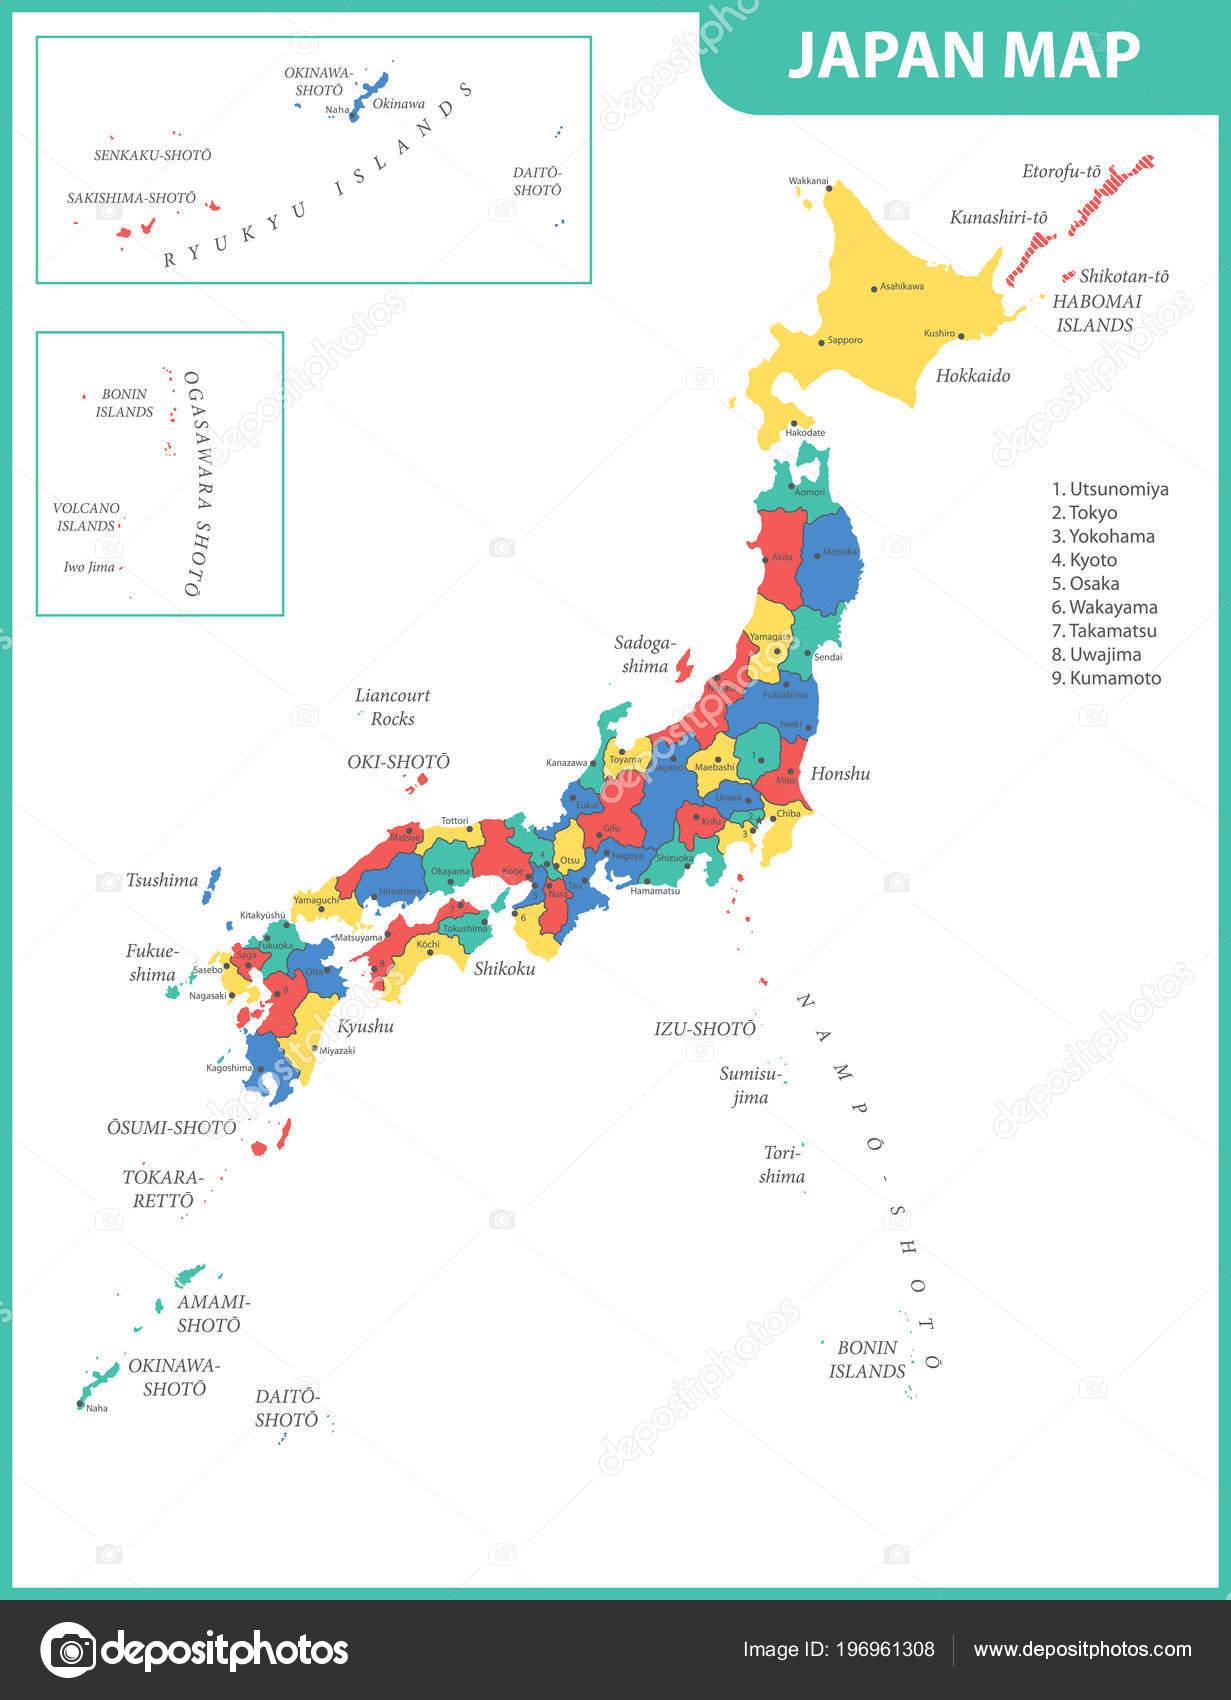 Mapa De Japon Ciudades.Mapa Detallado Del Japon Con Ciudades Regiones Estados